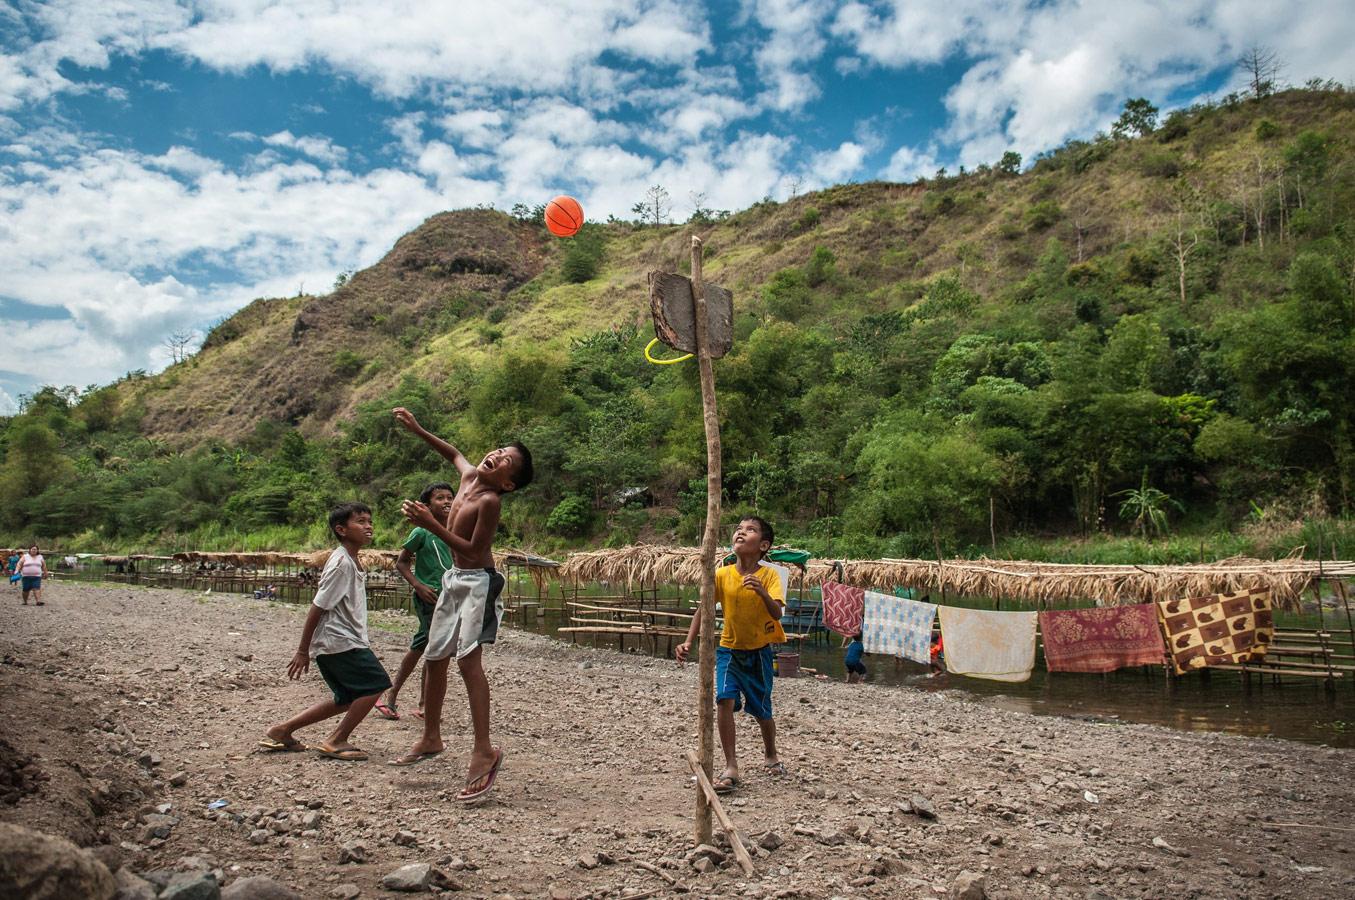 © Роберт Альварес младший, Фотоконкурс Международной федерации баскетбола — FIBA Photo Contest